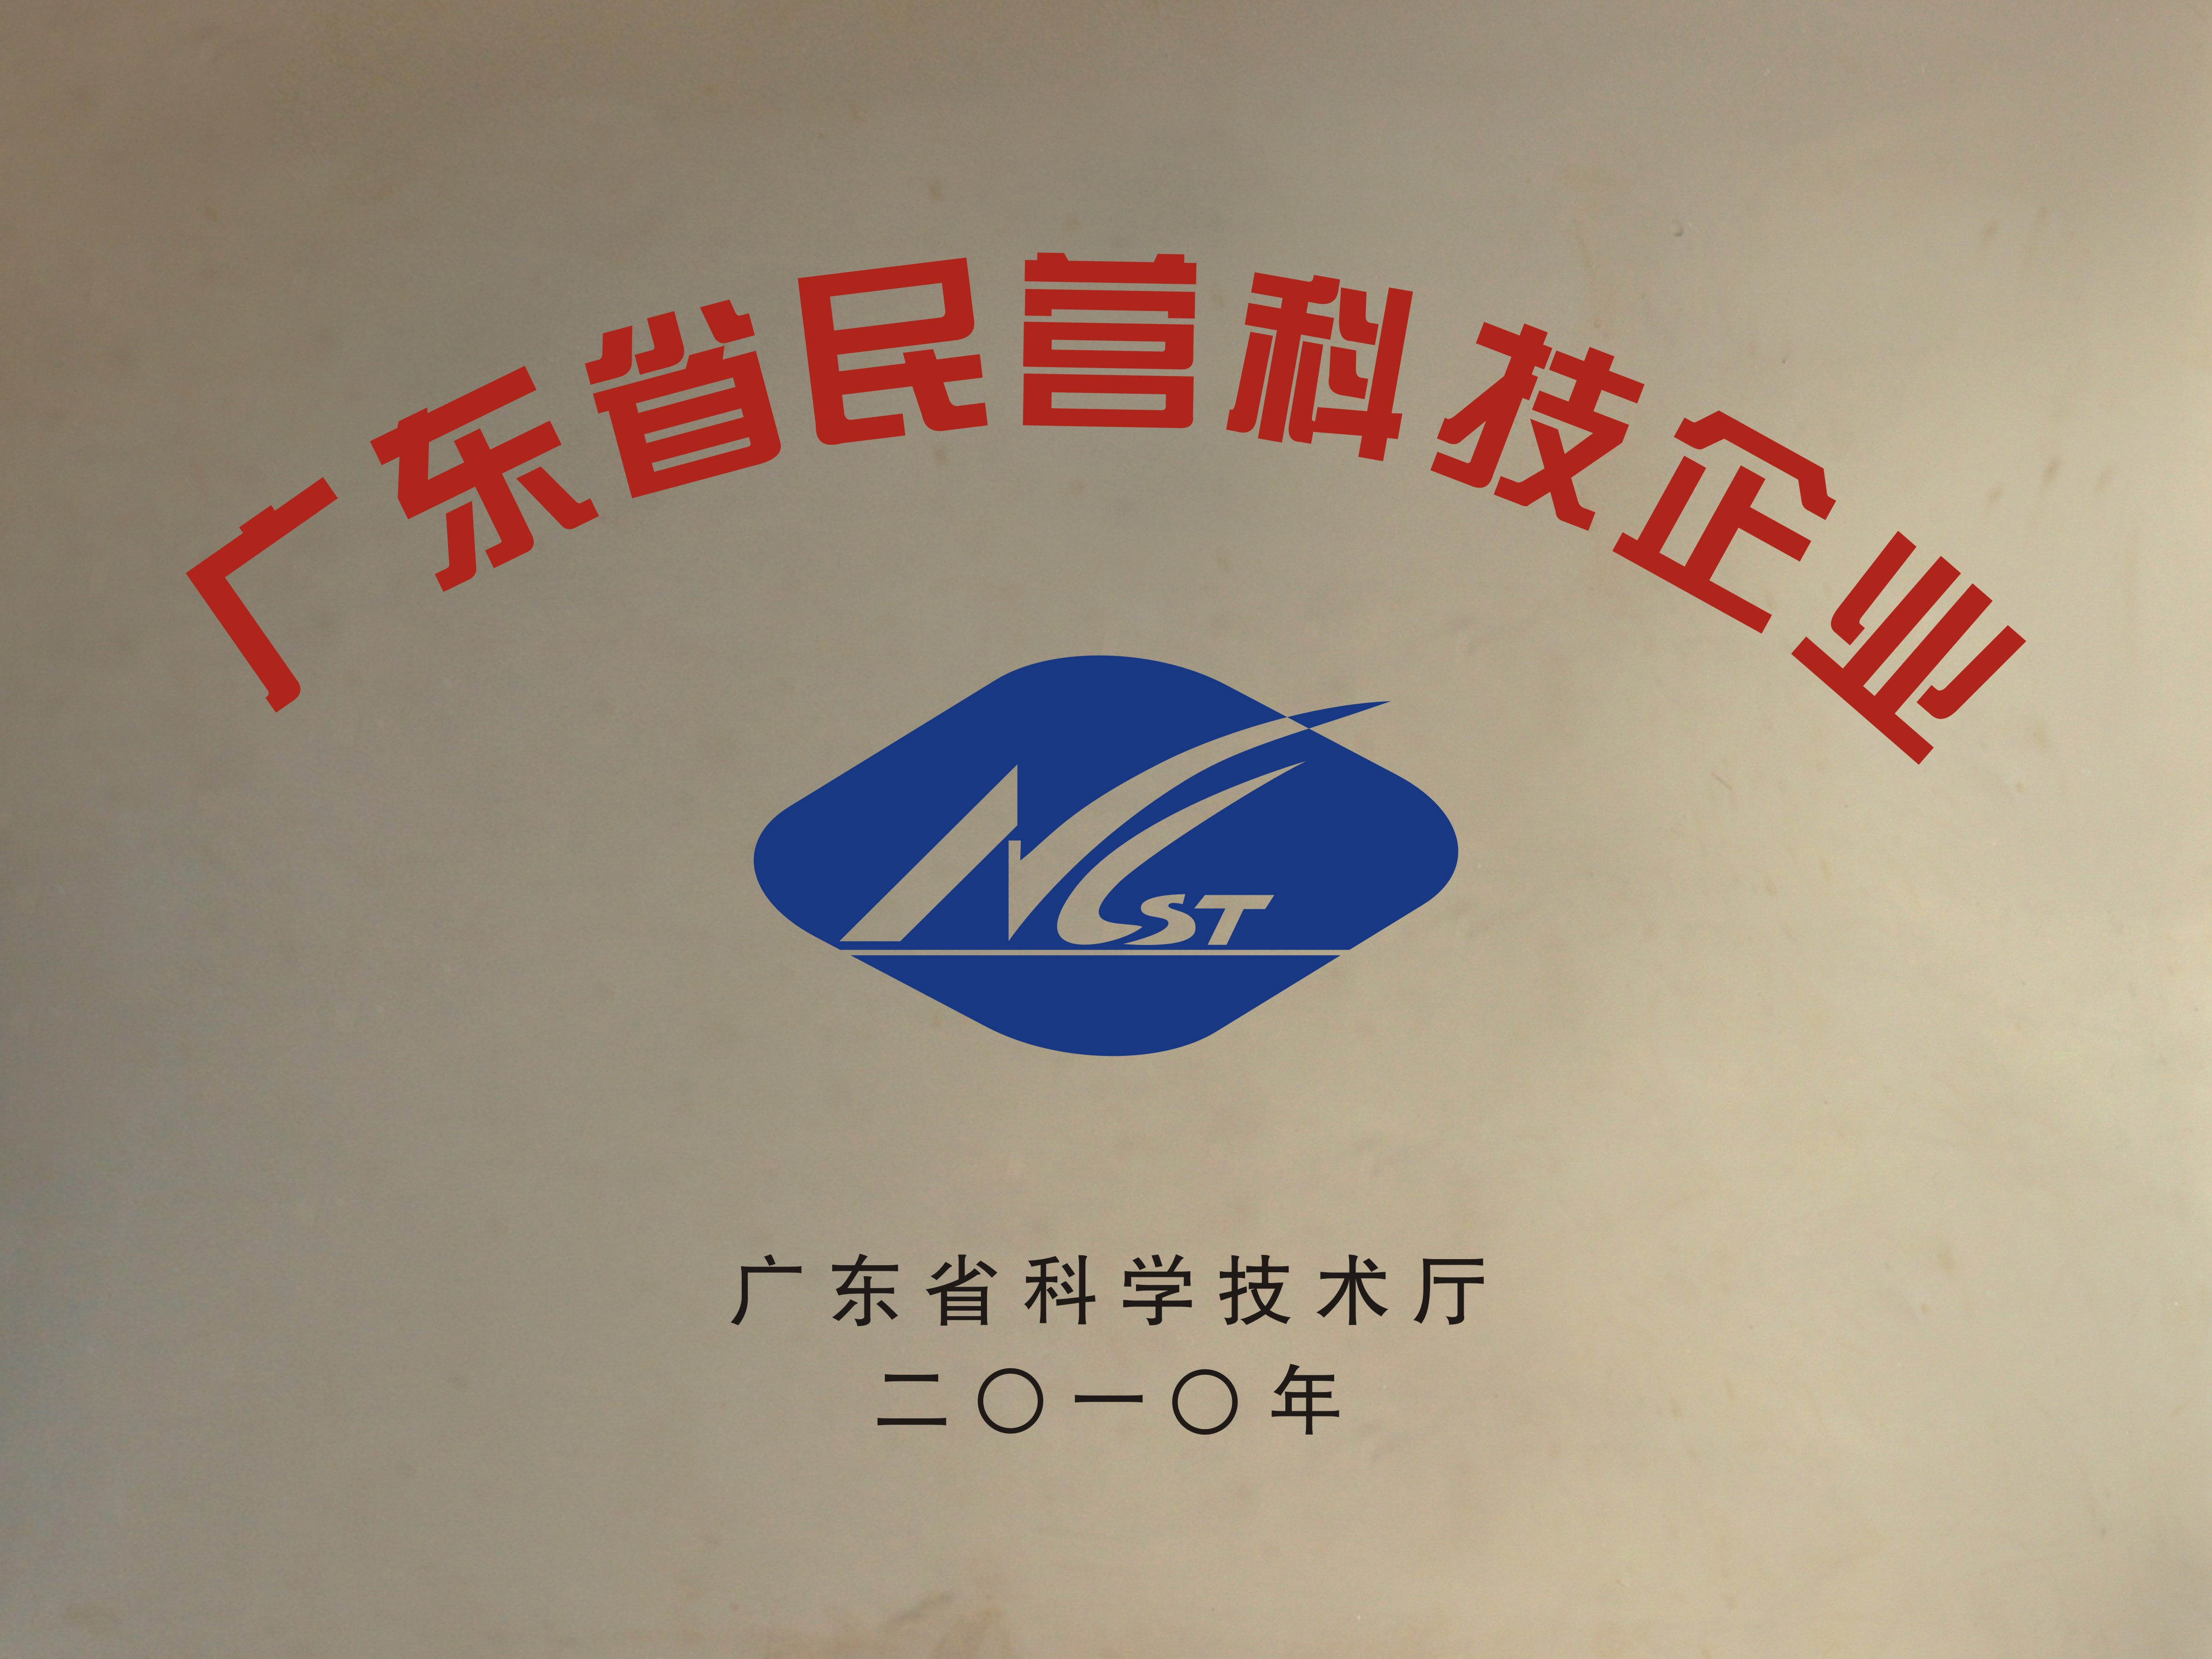 廣東省民營科技企業